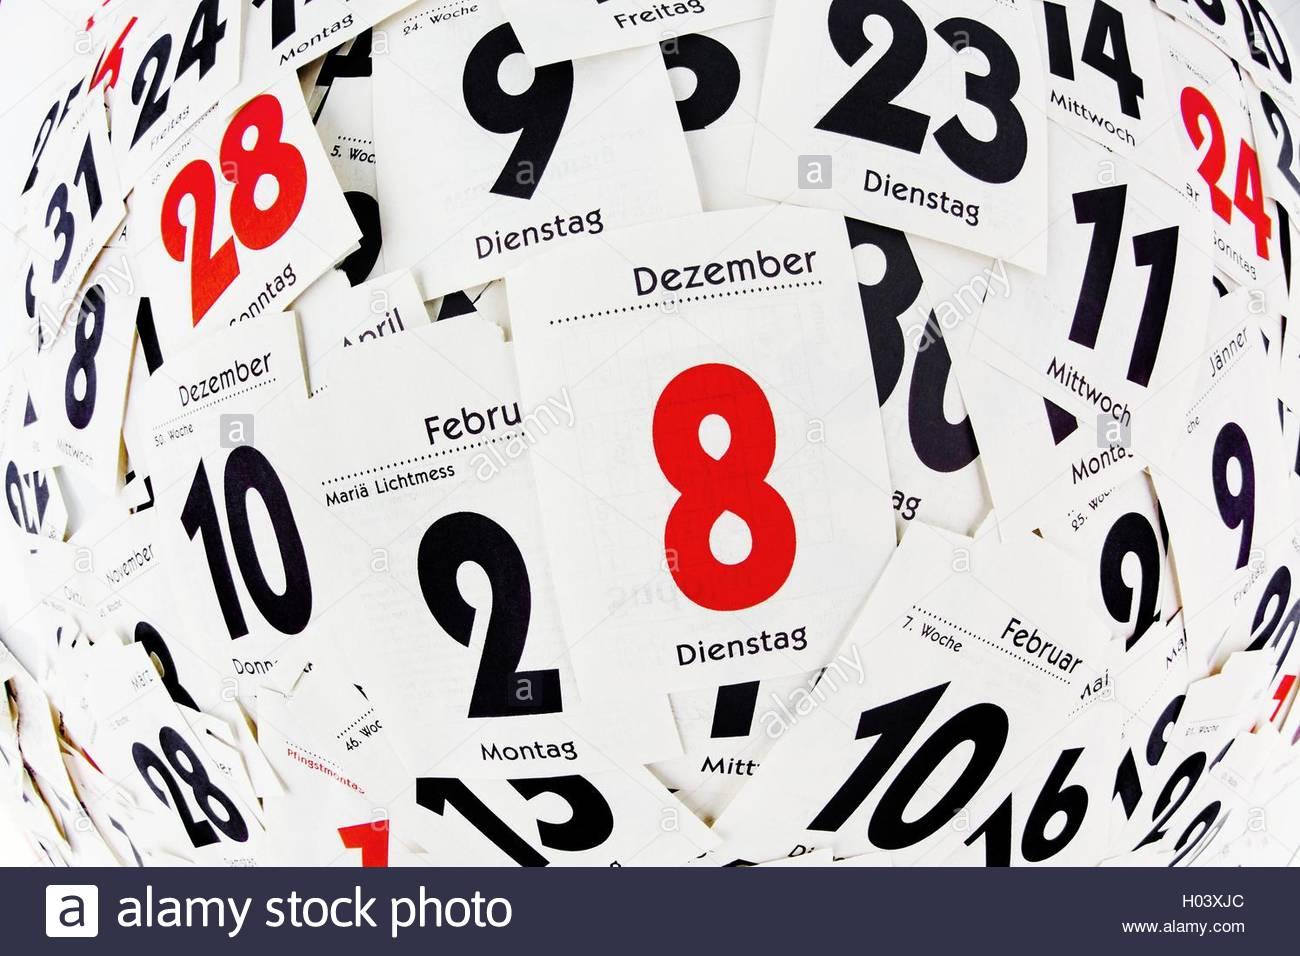 Zahl 8 Stock Photos & Zahl 8 Stock Images - Alamy